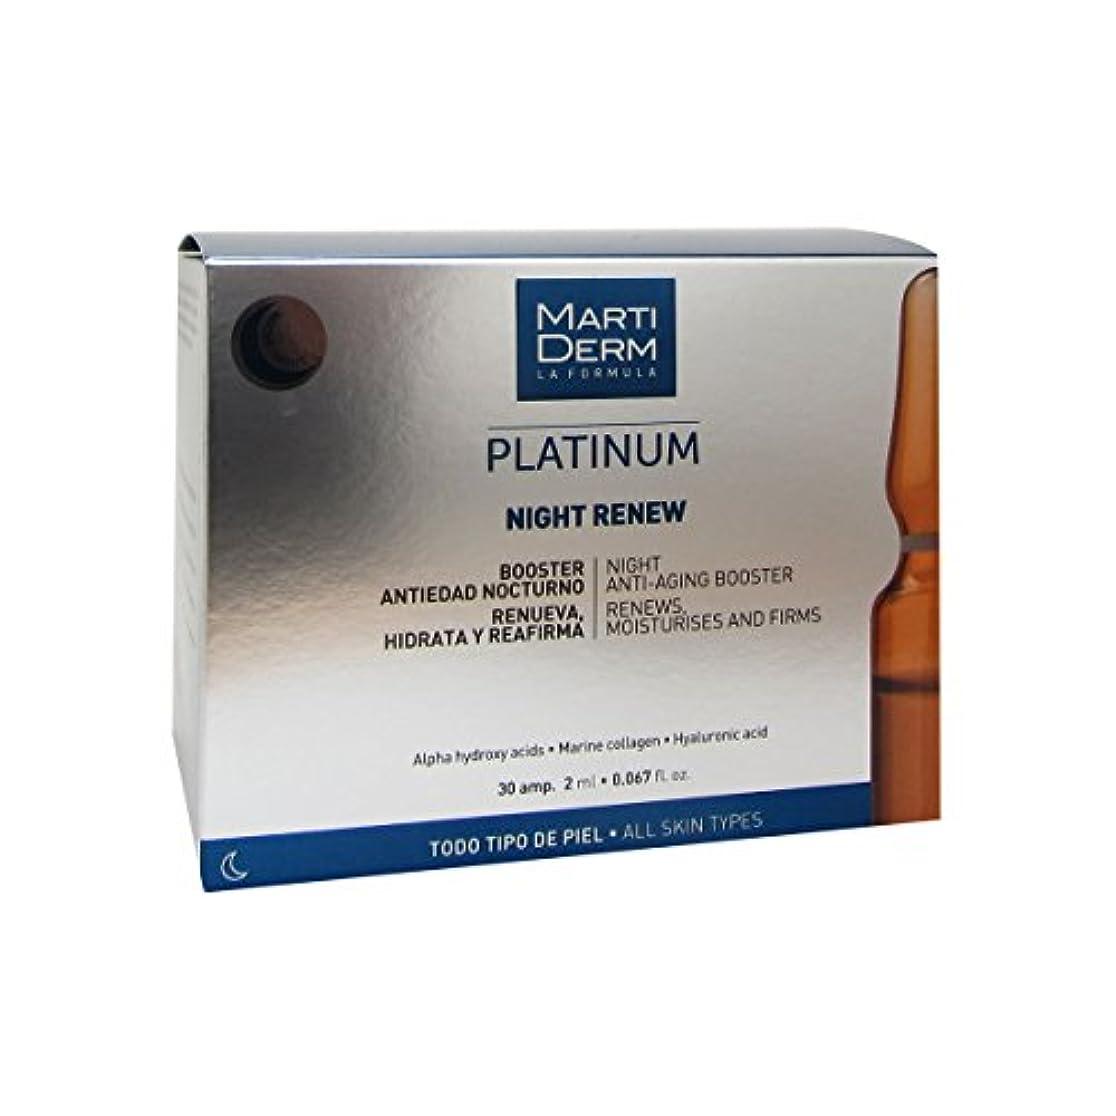 狂ったワックス思いやりのあるMartiderm Platinum Night Renew Ampoules 30ampx2ml [並行輸入品]